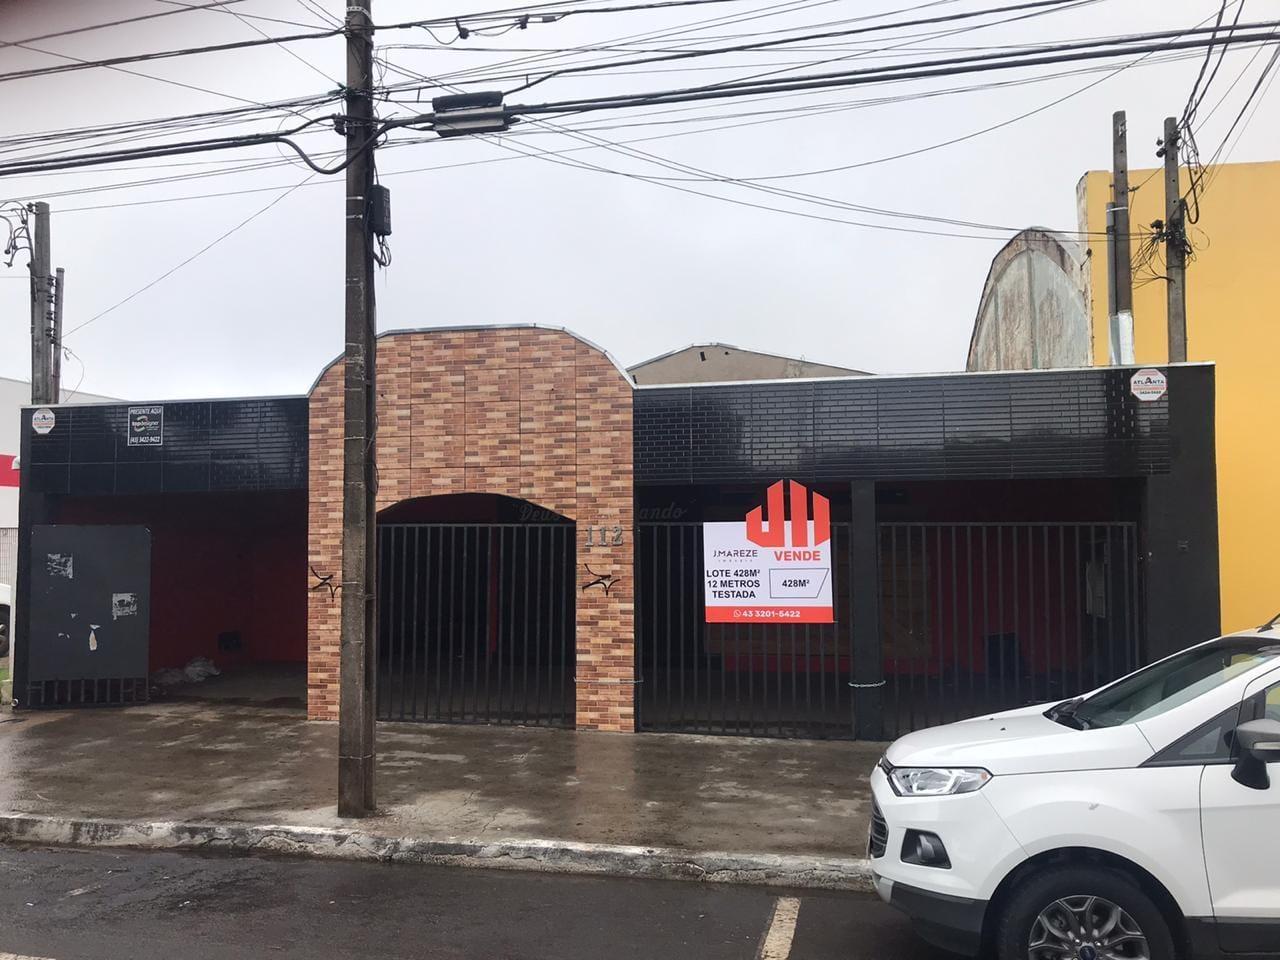 https://static.arboimoveis.com.br/SL0001_MAREZE/imovel-comercial-a-venda-na-avenida-carlos-schmidt-m-com-metros-de-frente-por-r-centro-apucaranapr1625219817443utgdj.jpg